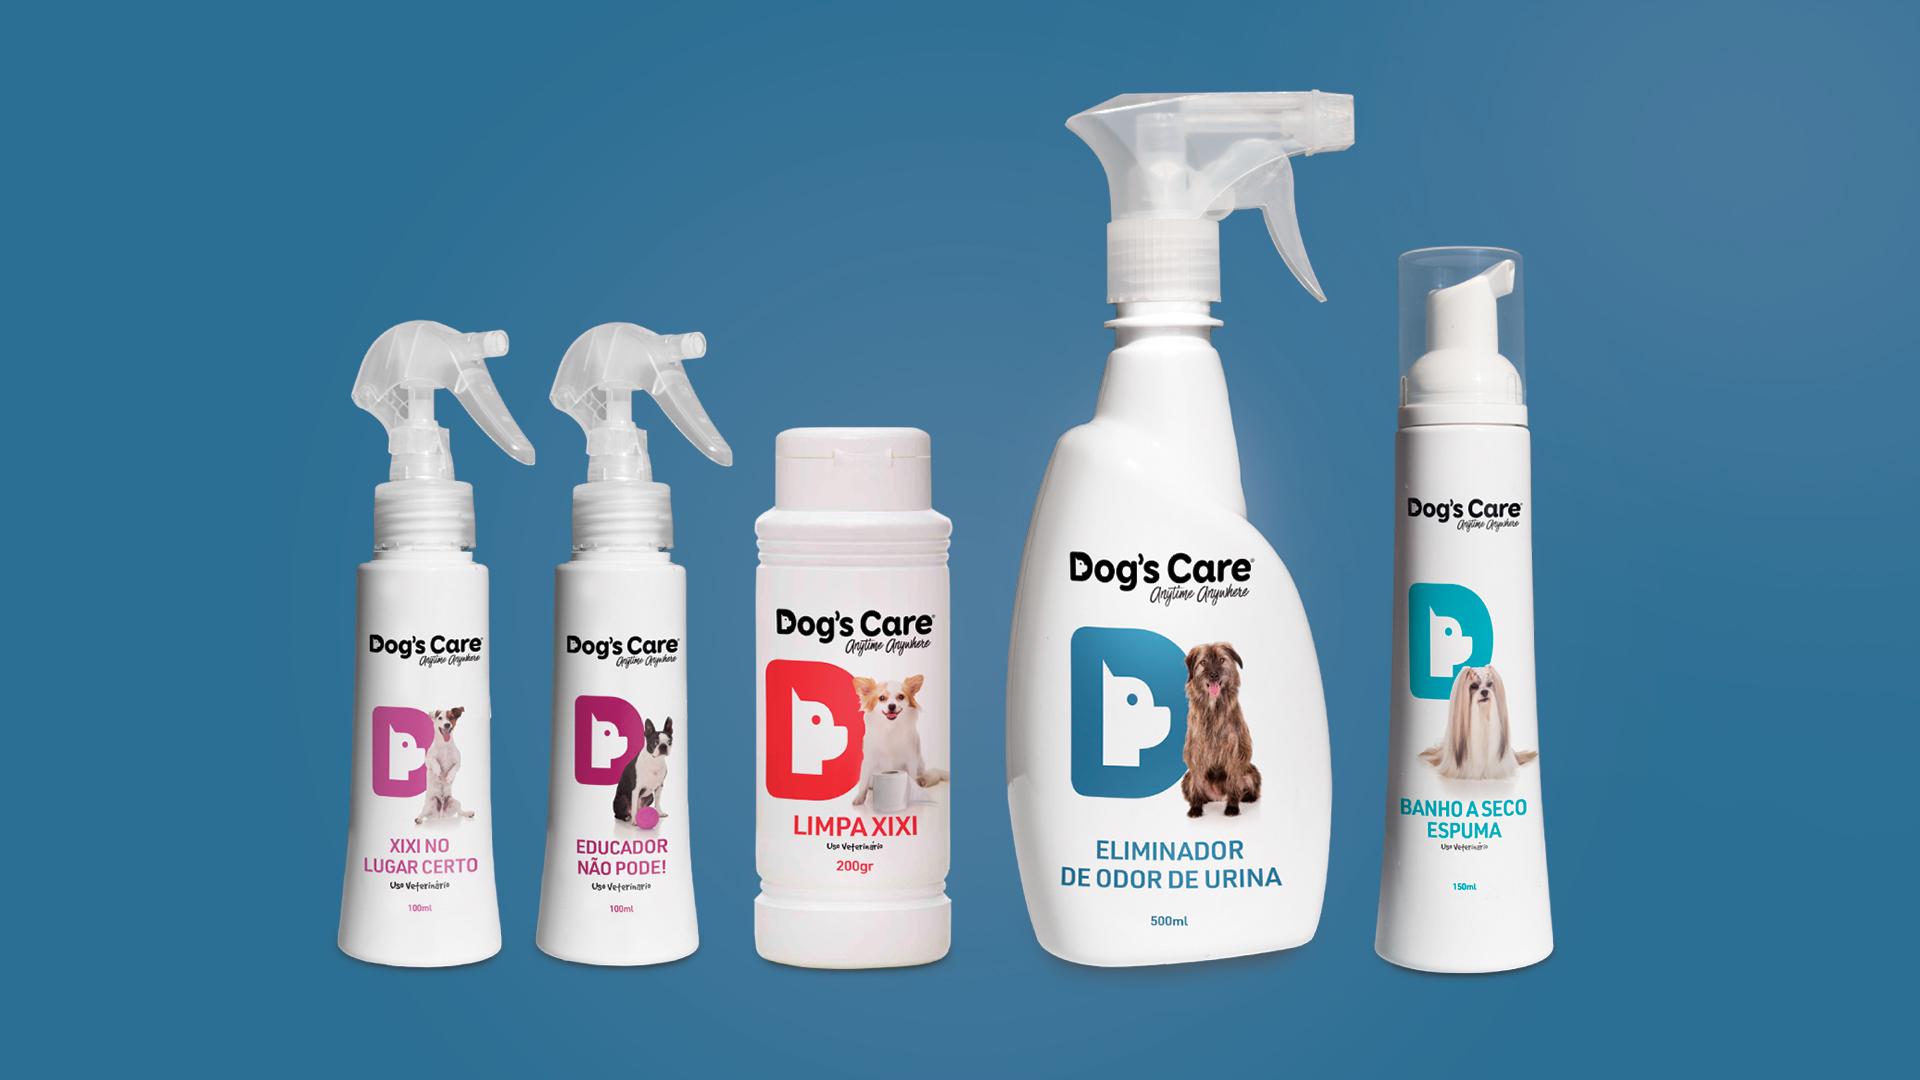 Dogs Care produtos banho